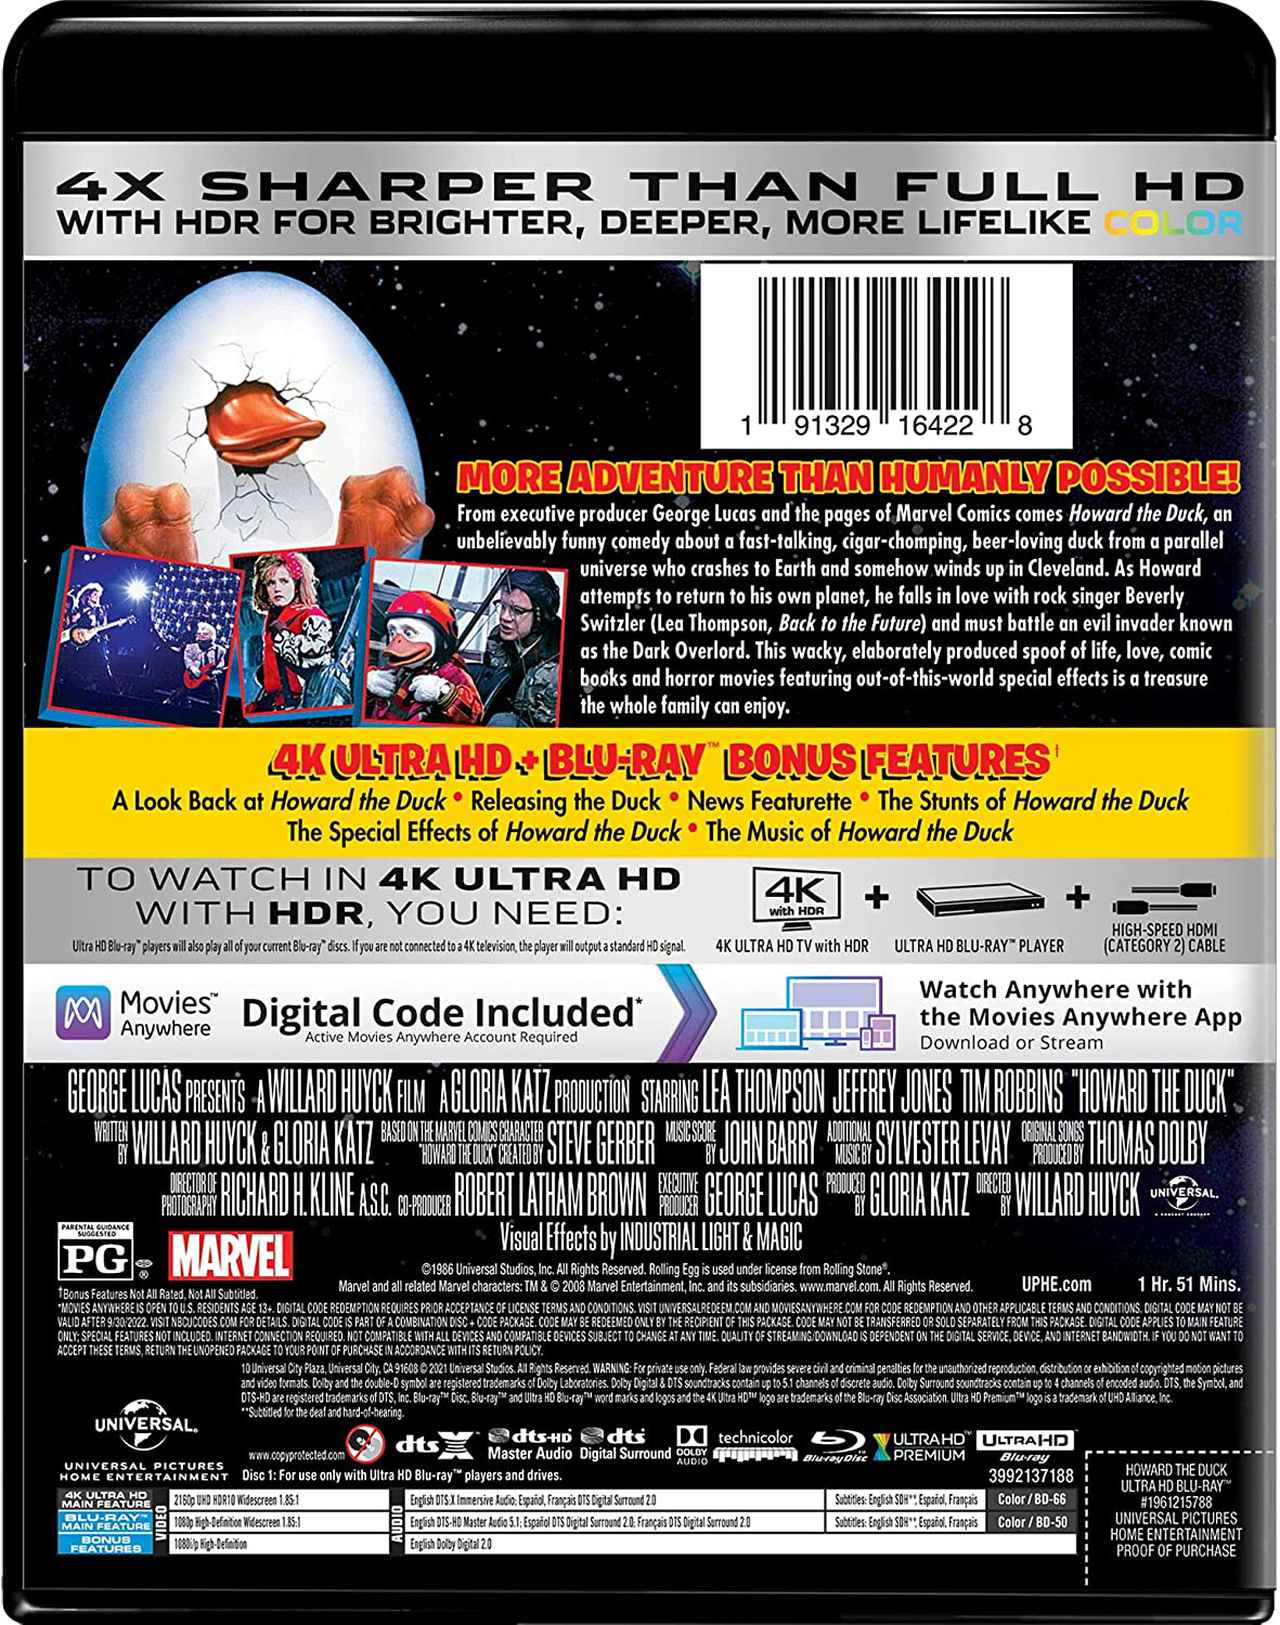 画像2: 【Update】G・ルーカス製作SF活劇が4K化『ハワード・ザ・ダック/暗黒魔王の陰謀』【海外盤Blu-ray発売情報】